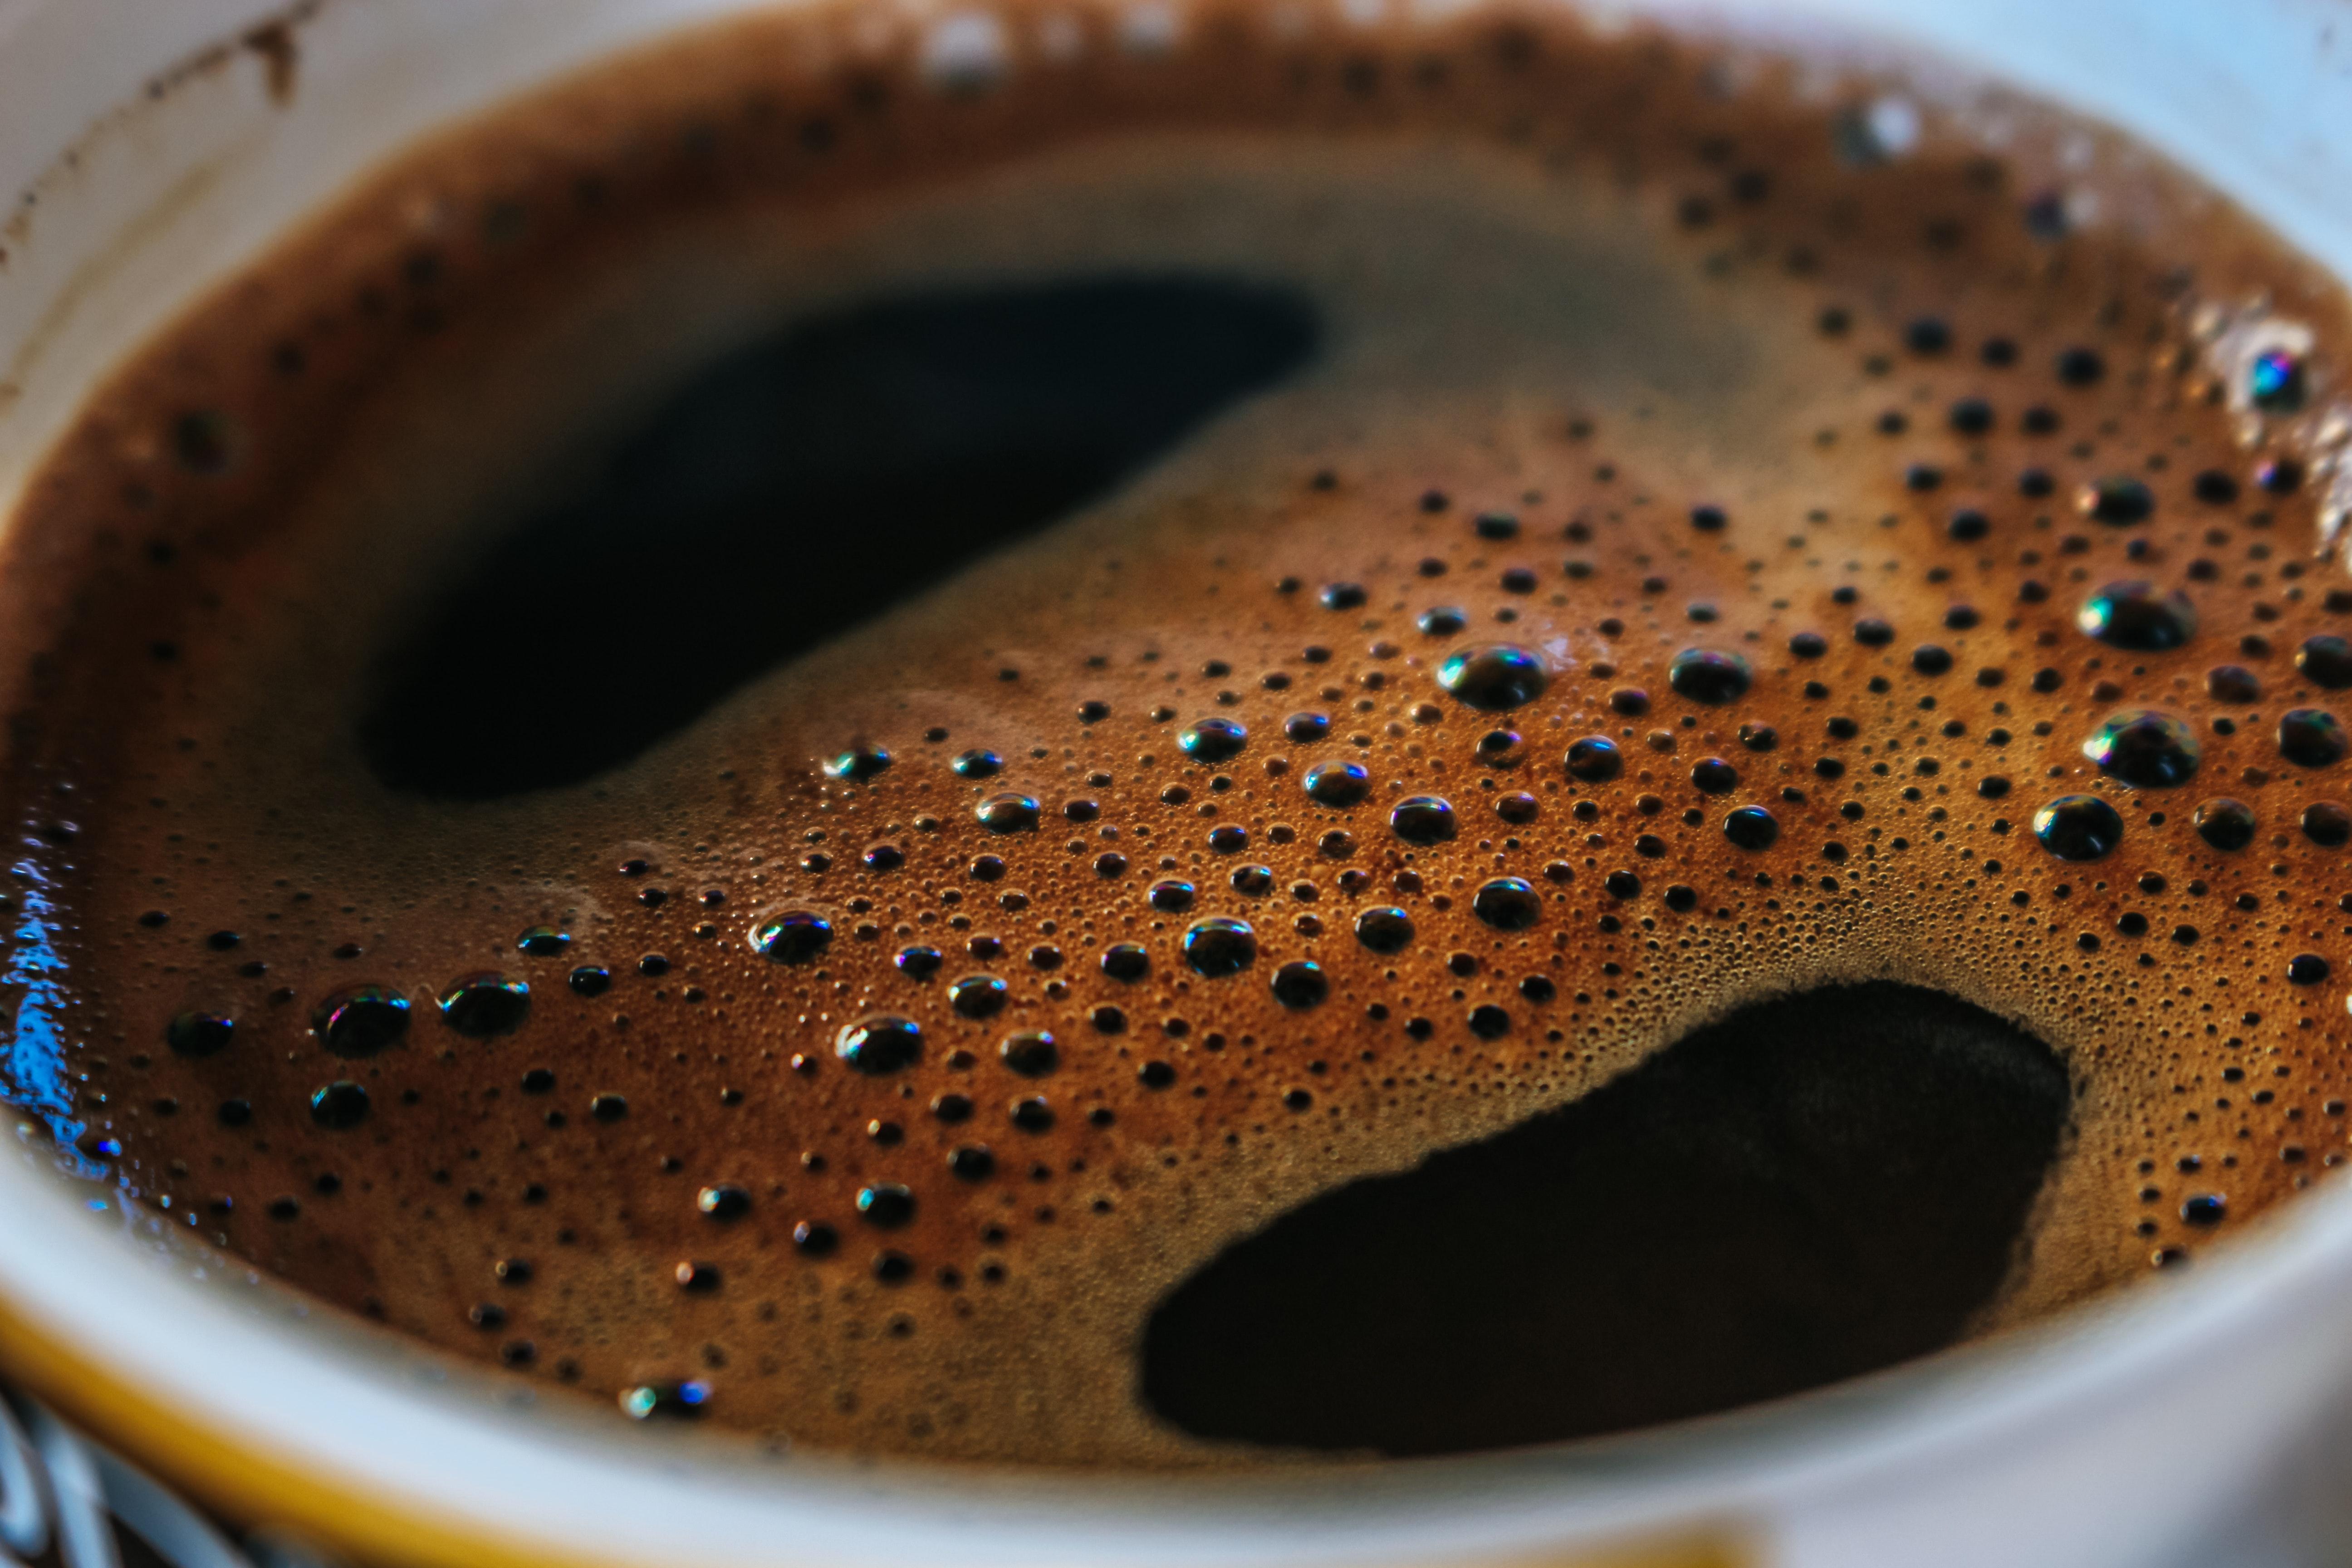 beverage-brewed-coffee-caffeine-1260298